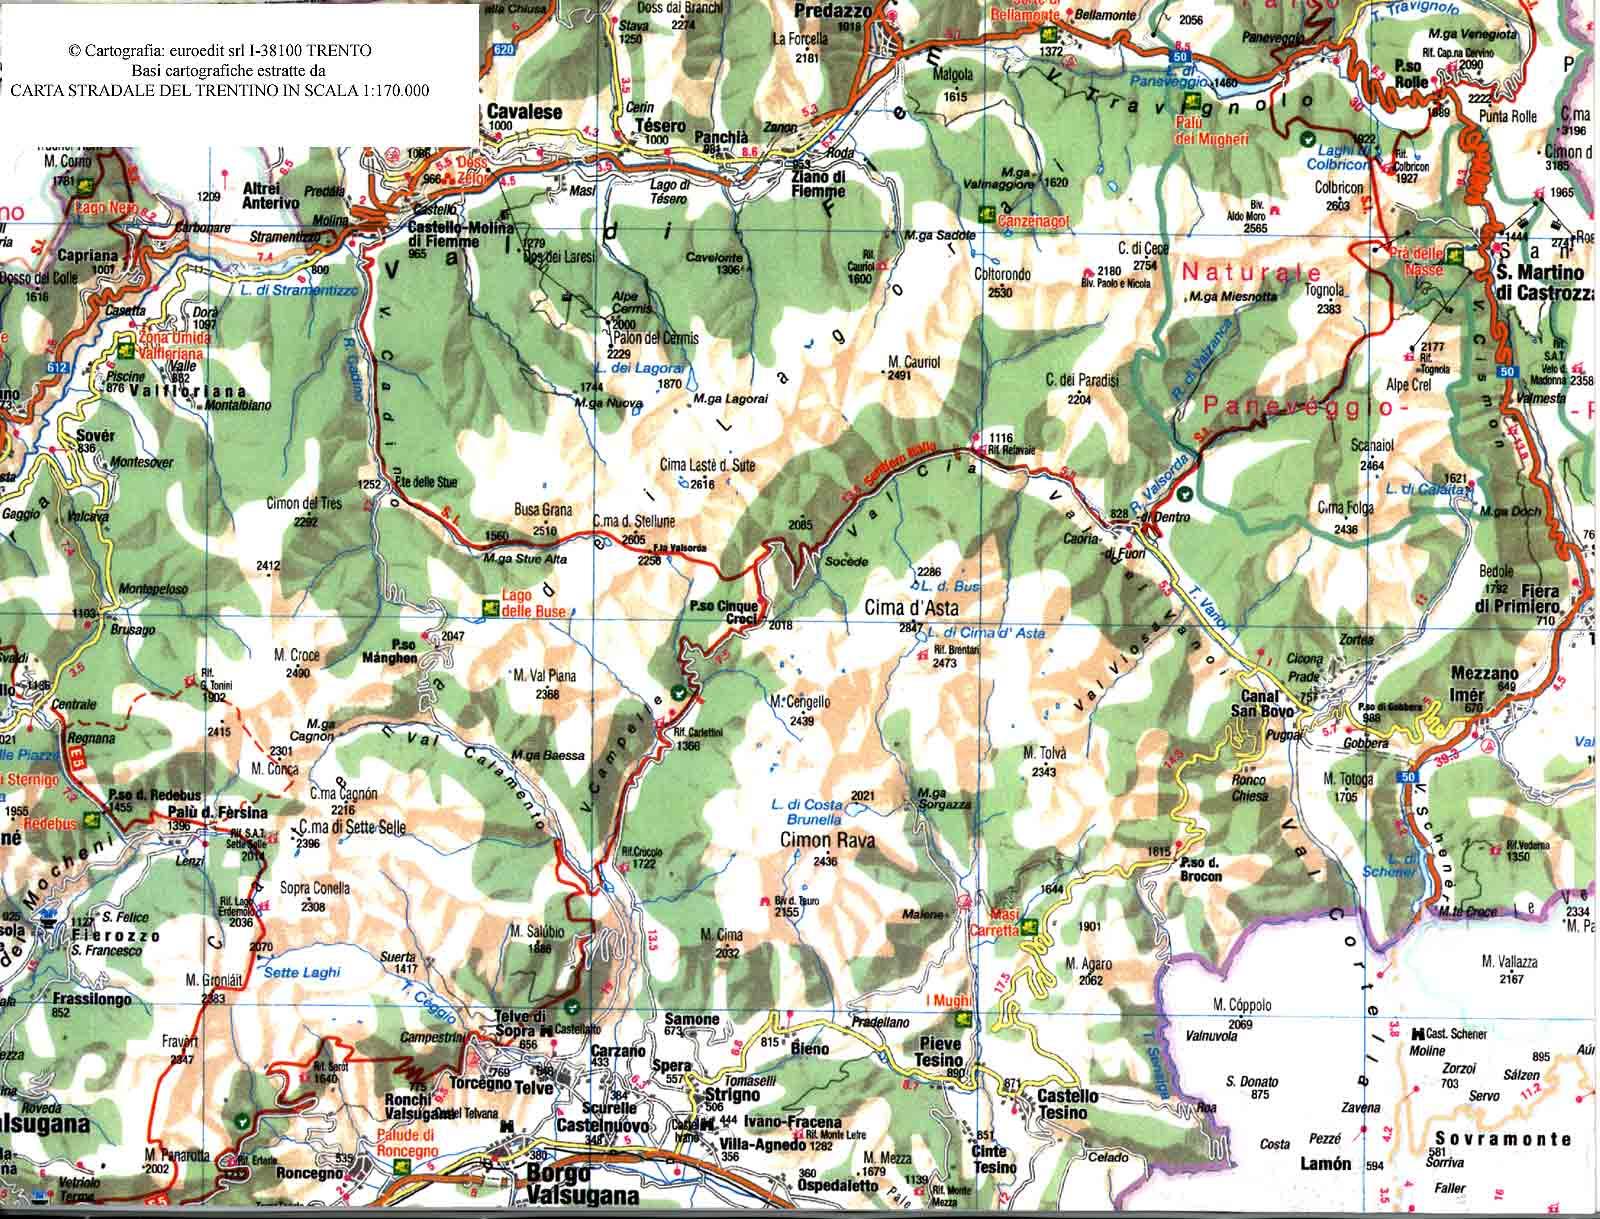 Cartina Stradale Trentino.Mappe E Carte